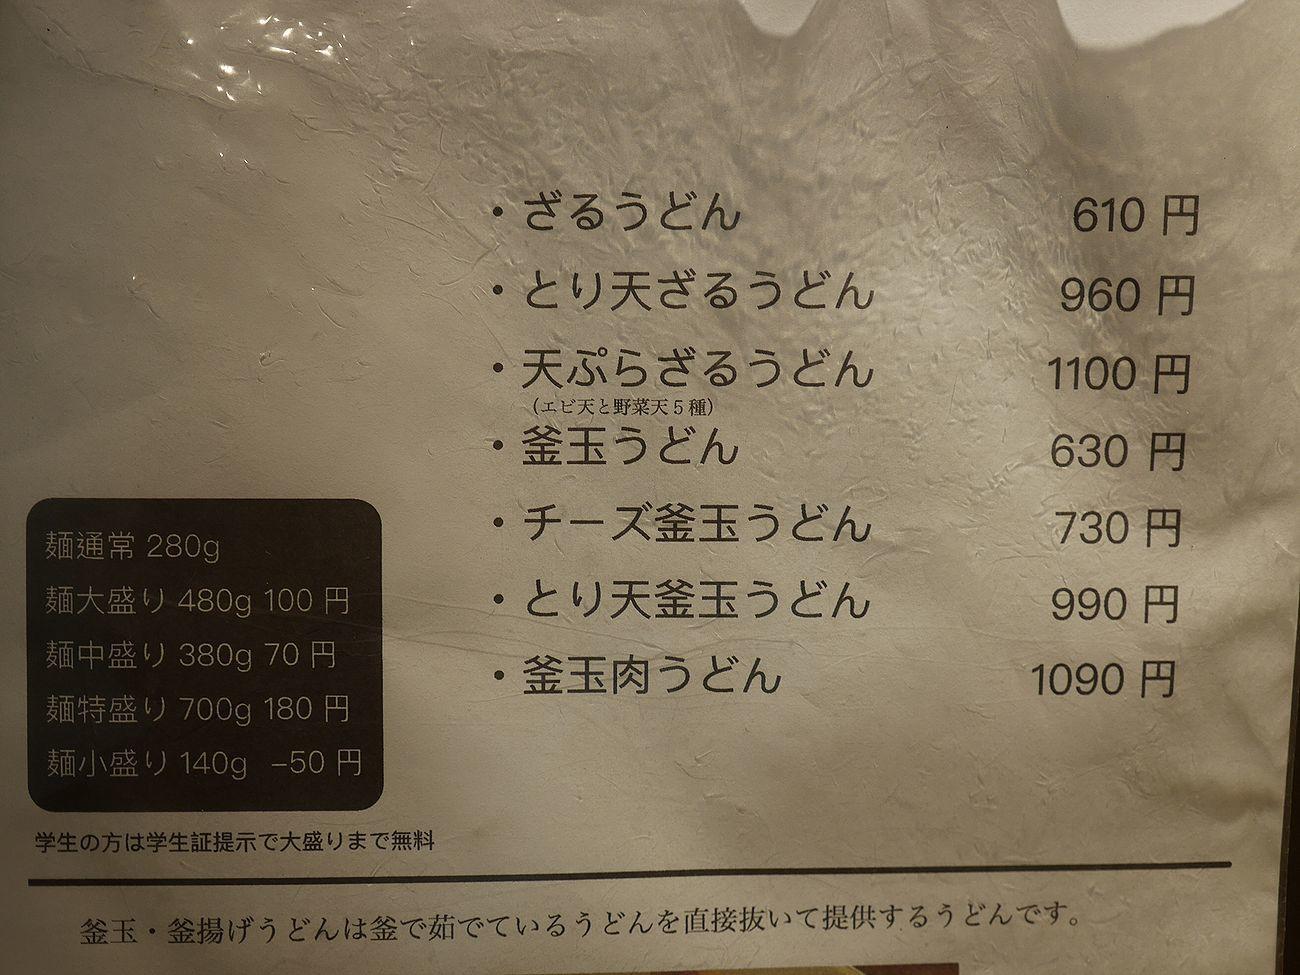 _1300129.jpg